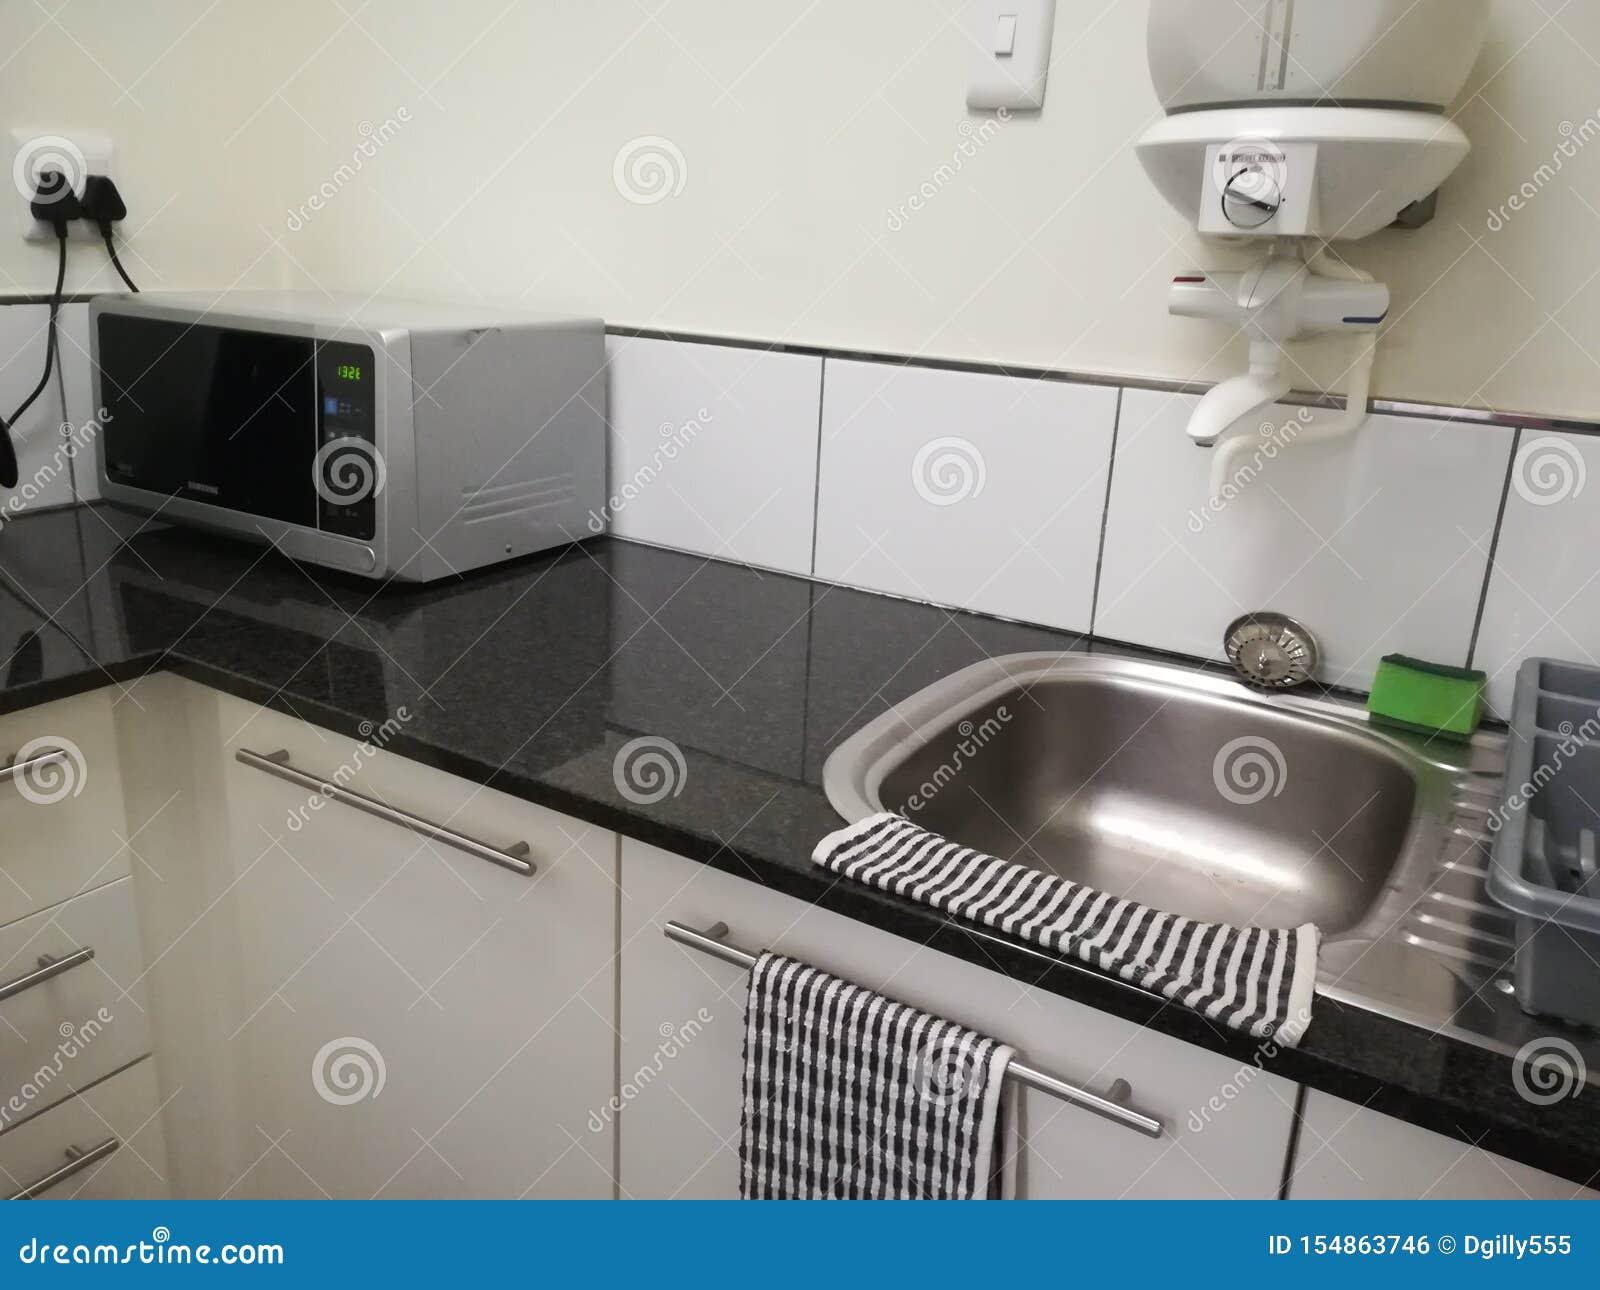 Bureau Plan De Travail kitchenette de bureau sur l'affichage avec la micro-onde [5